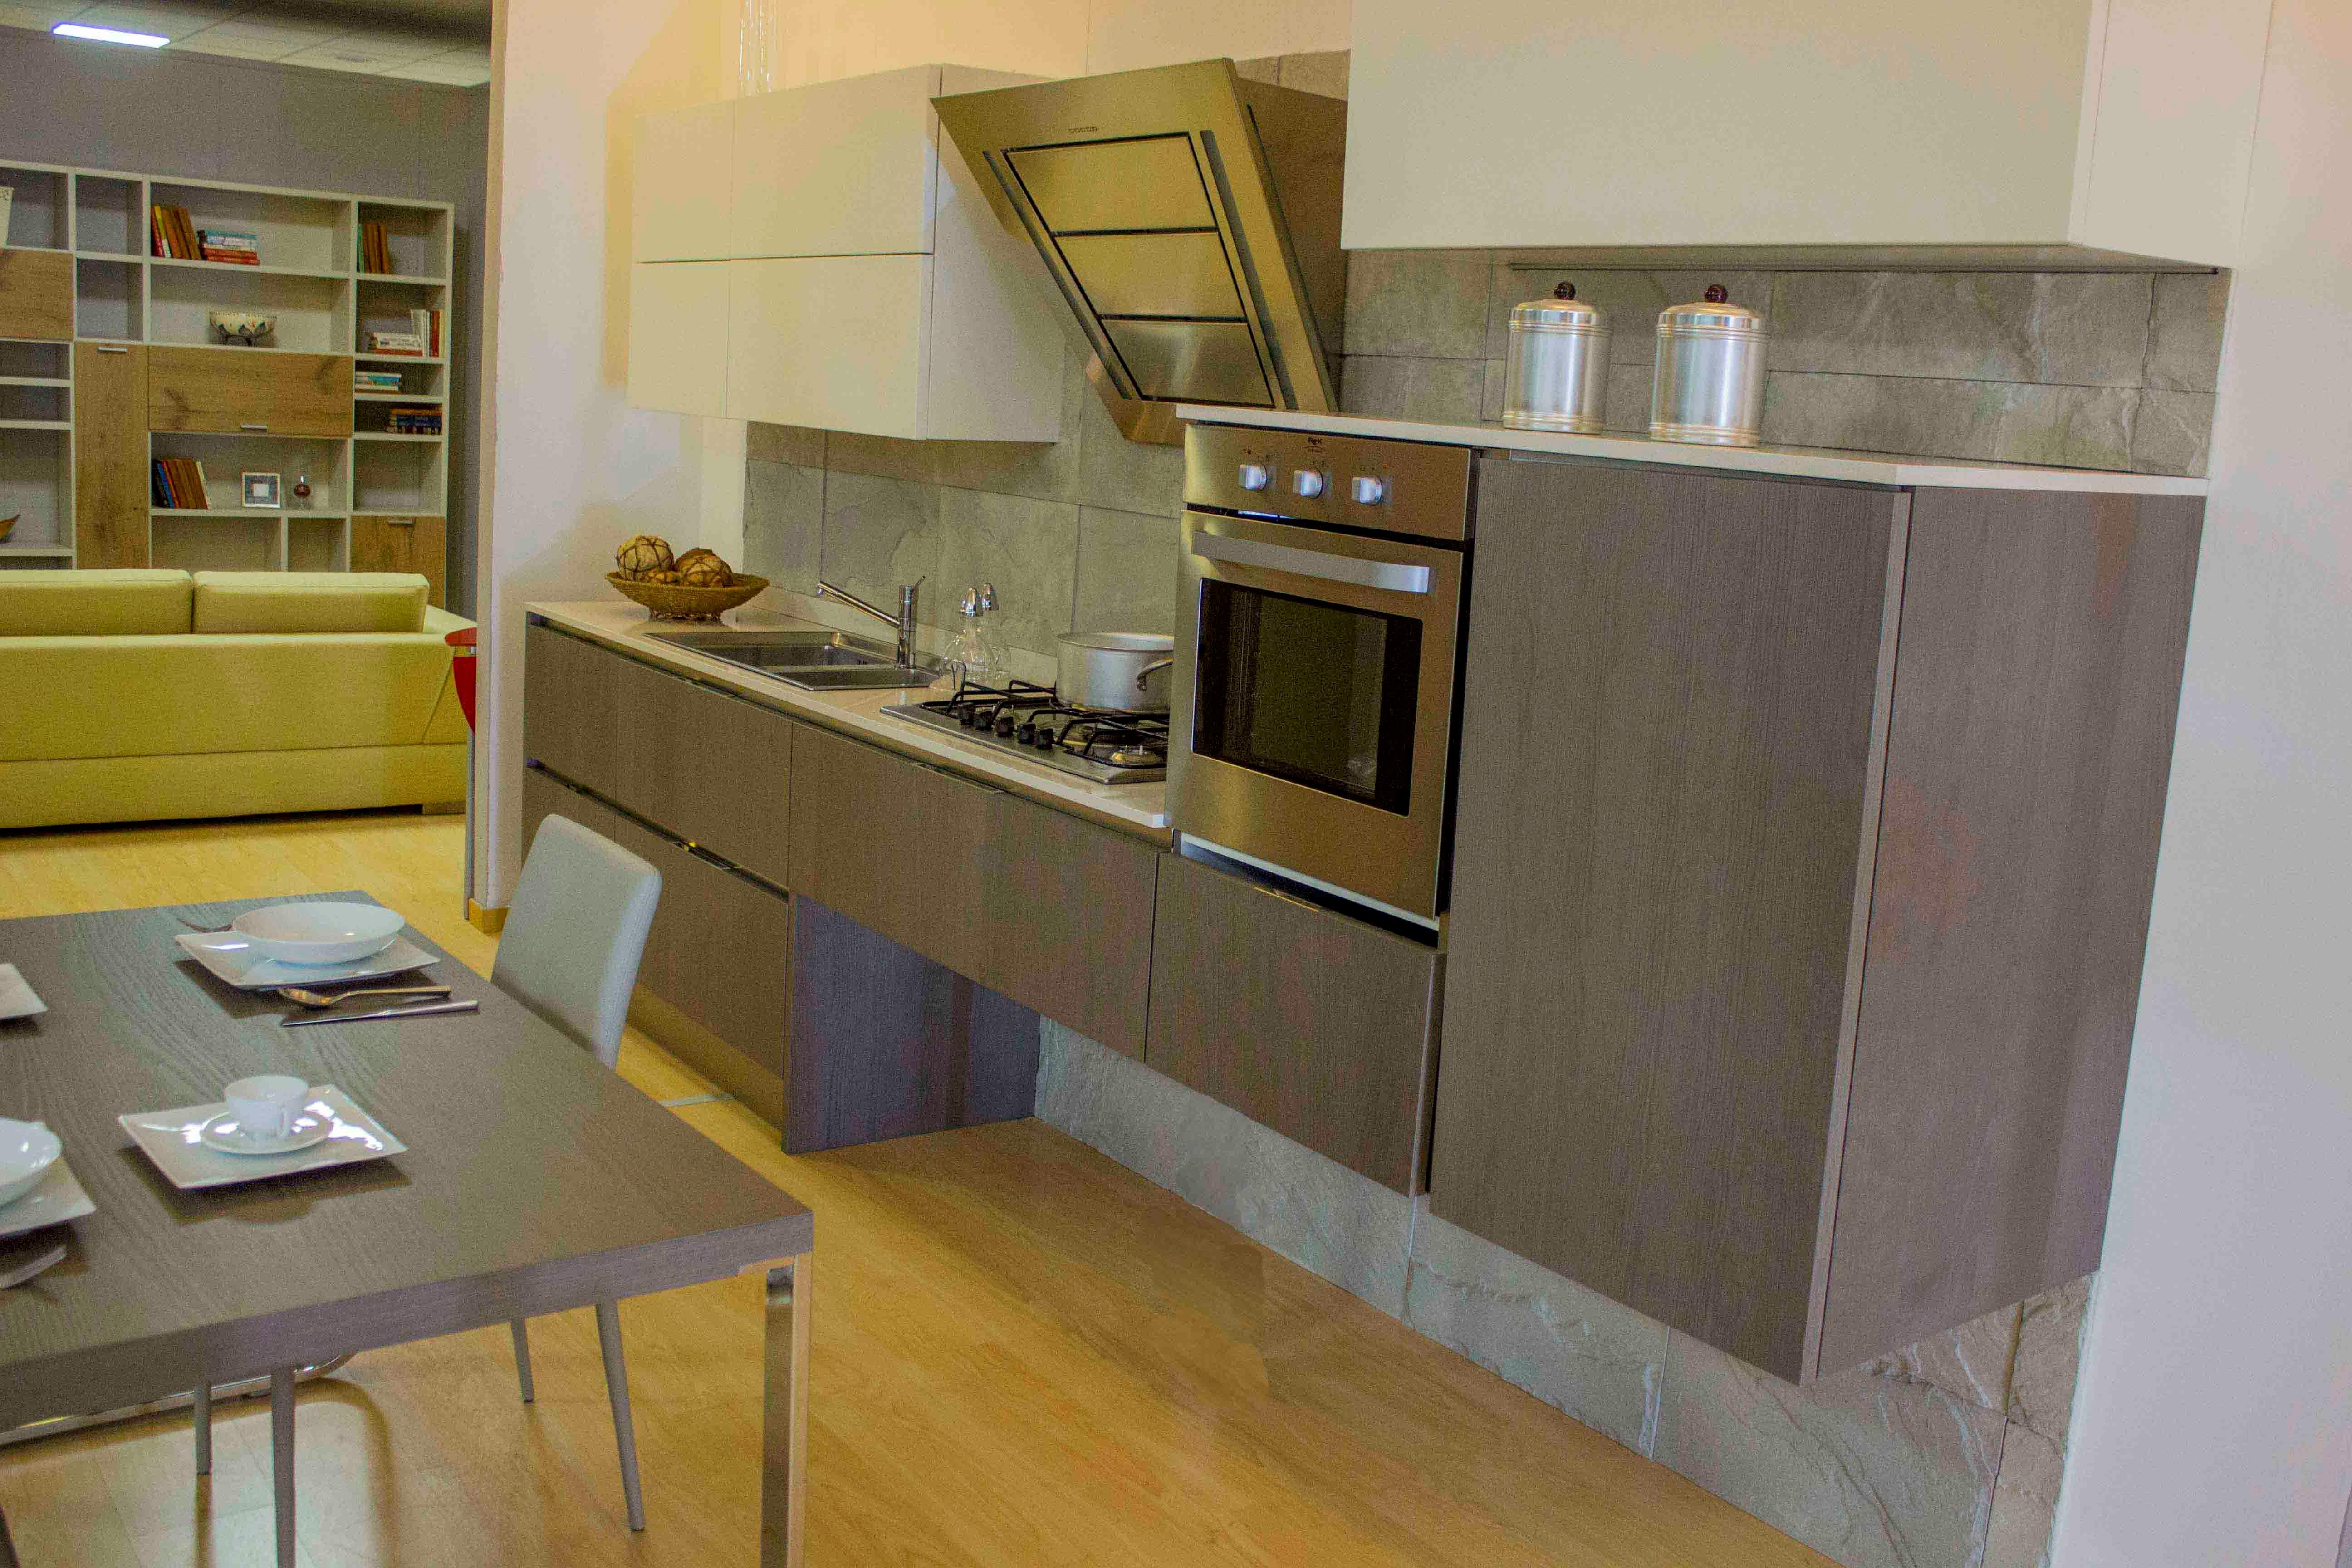 Cucina veneta cucine tulipano scontato del 56 cucine a prezzi scontati - Cucina veneta cucine ...